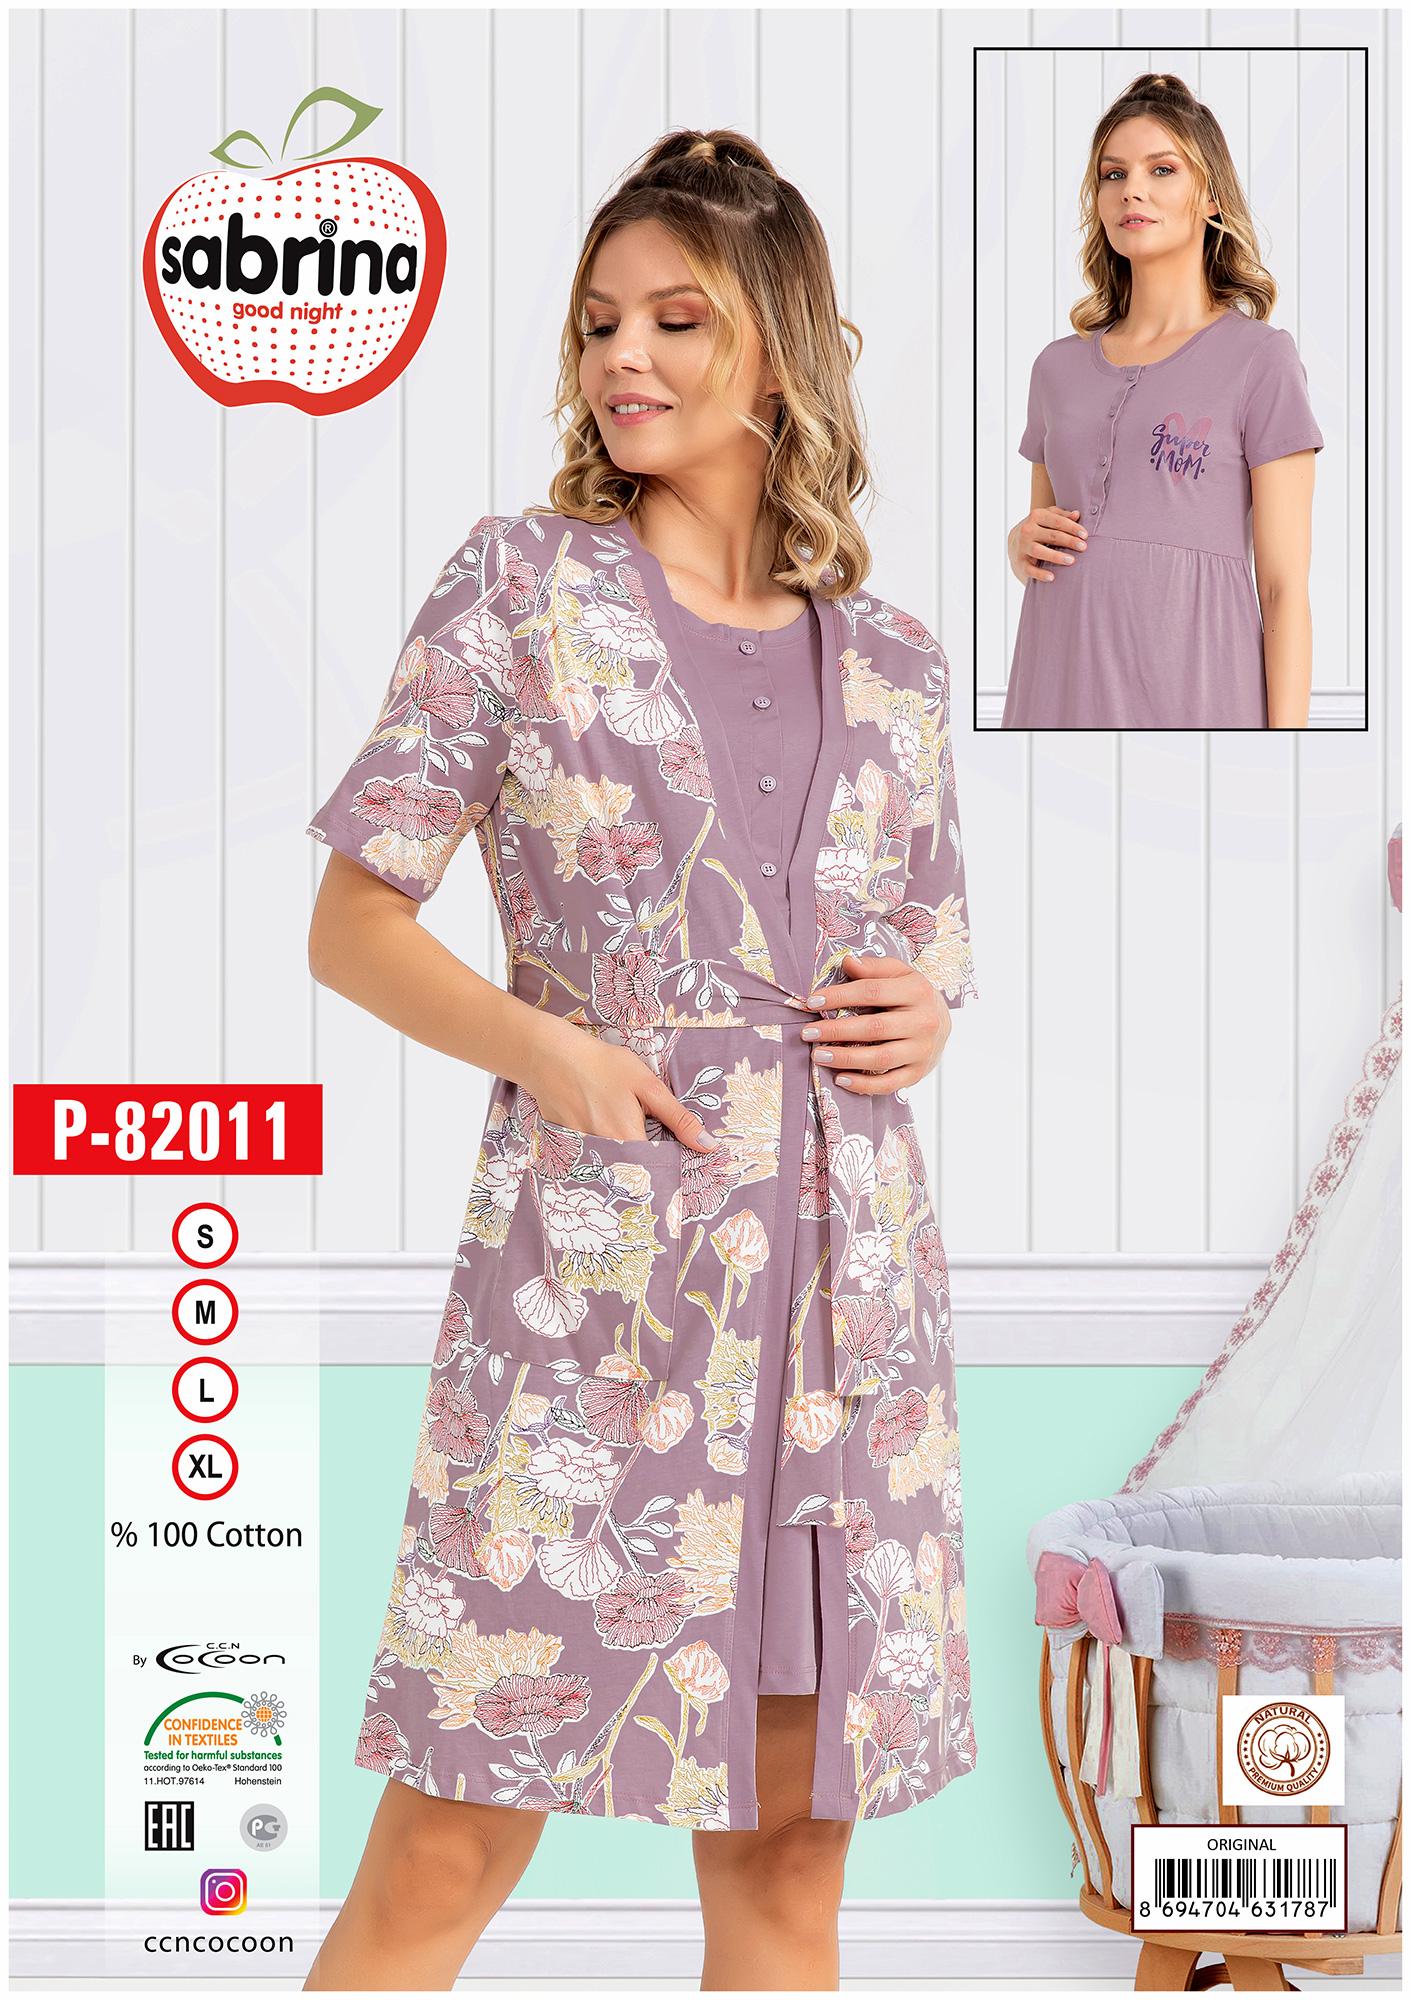 Комплект для беременных (халат + сорочка) P-82011 Sabrina